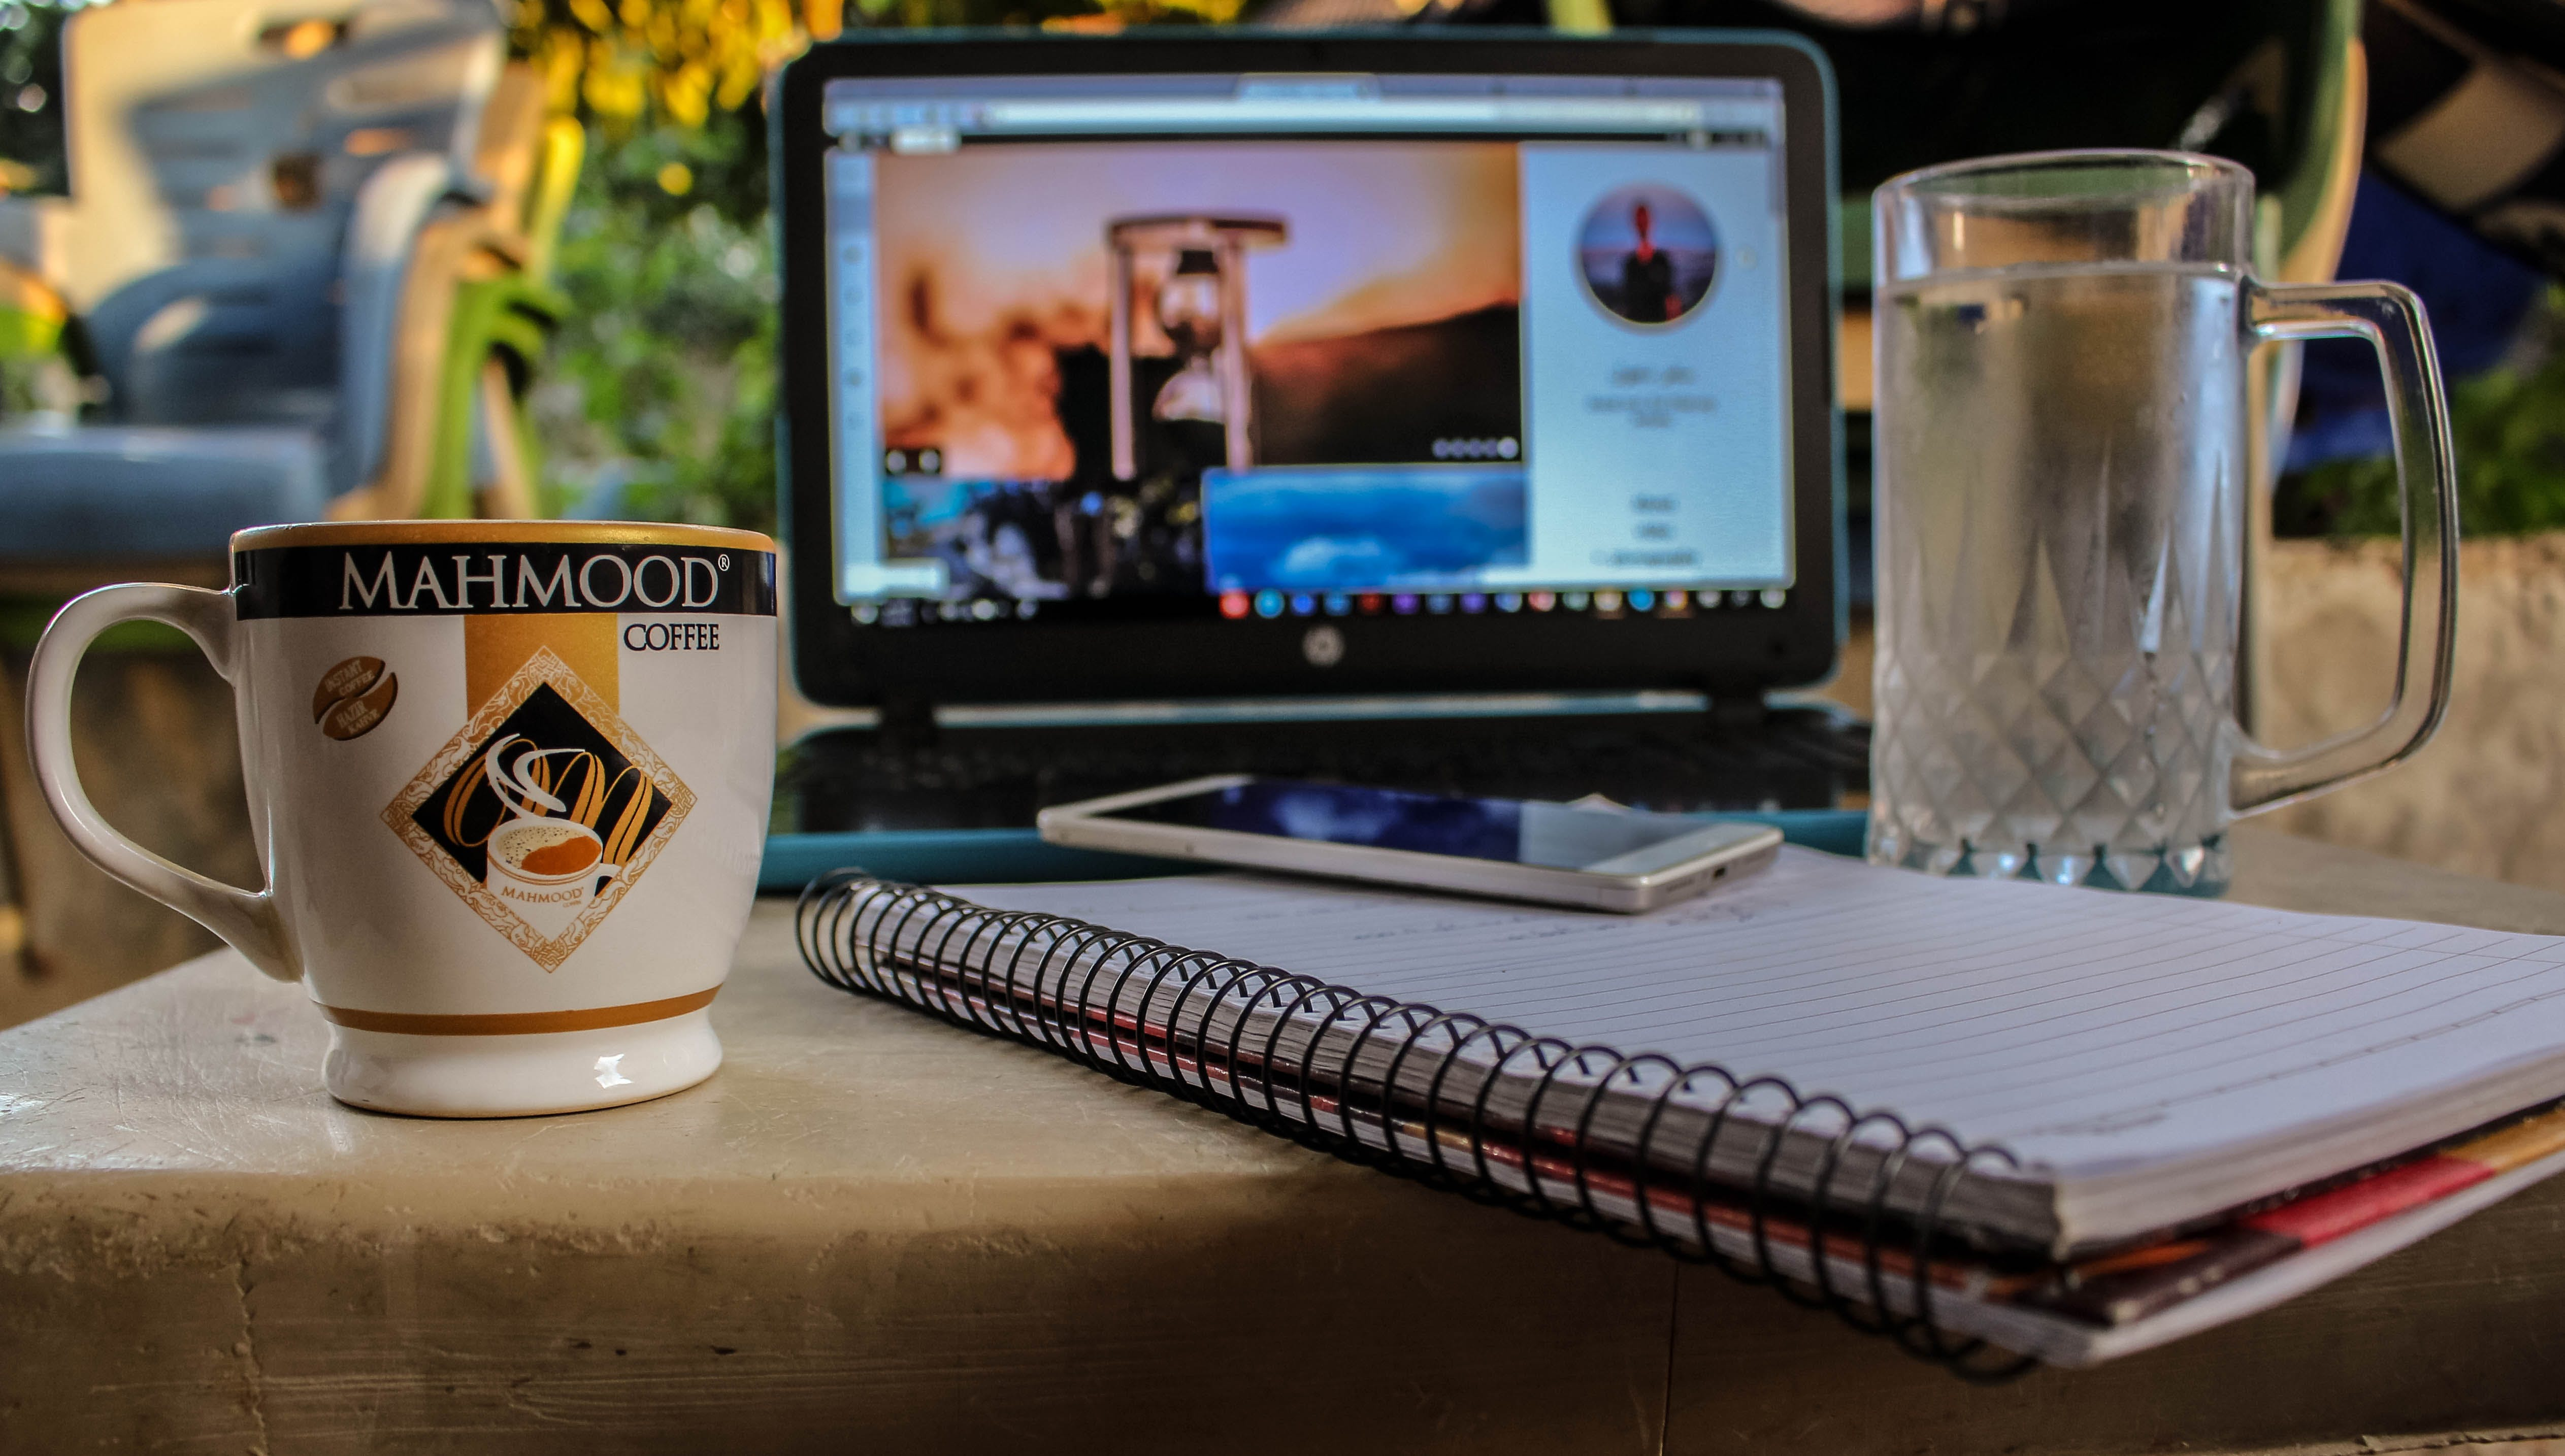 공책, 기술, 노트북, 데이터의 무료 스톡 사진